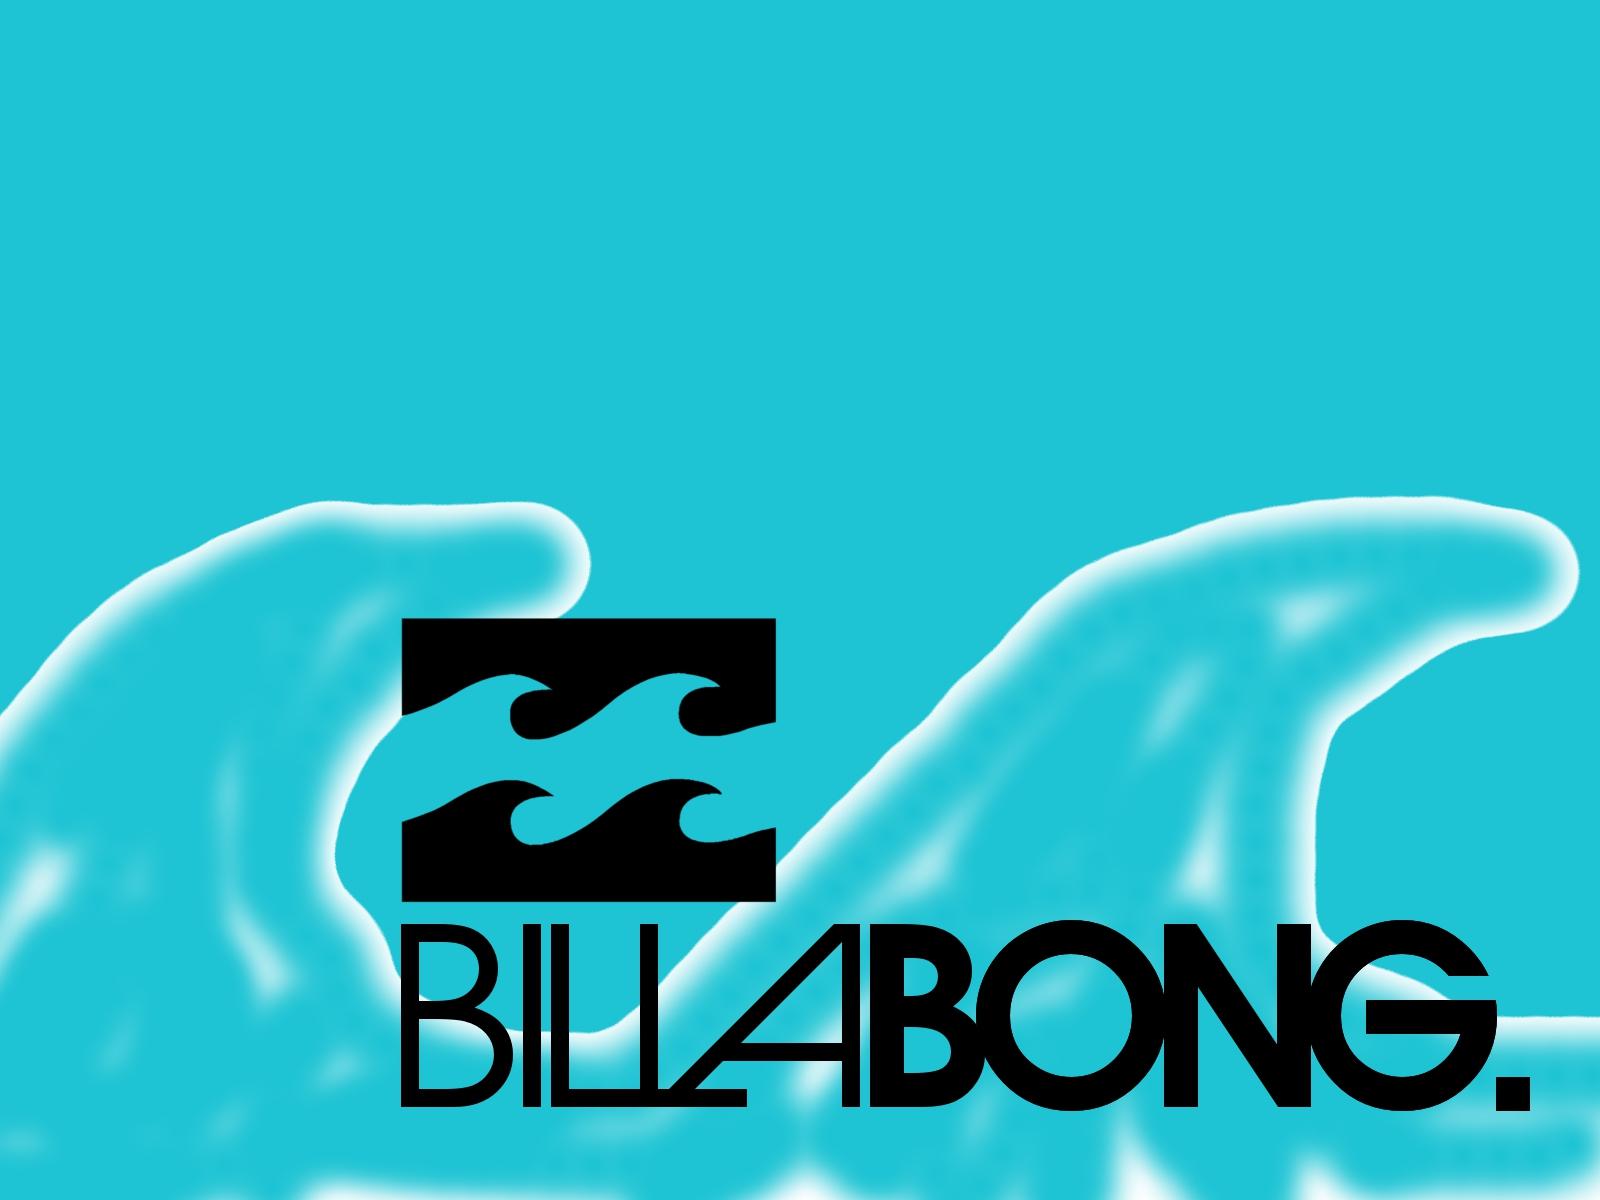 Billabong Wallpaper 1600x1200